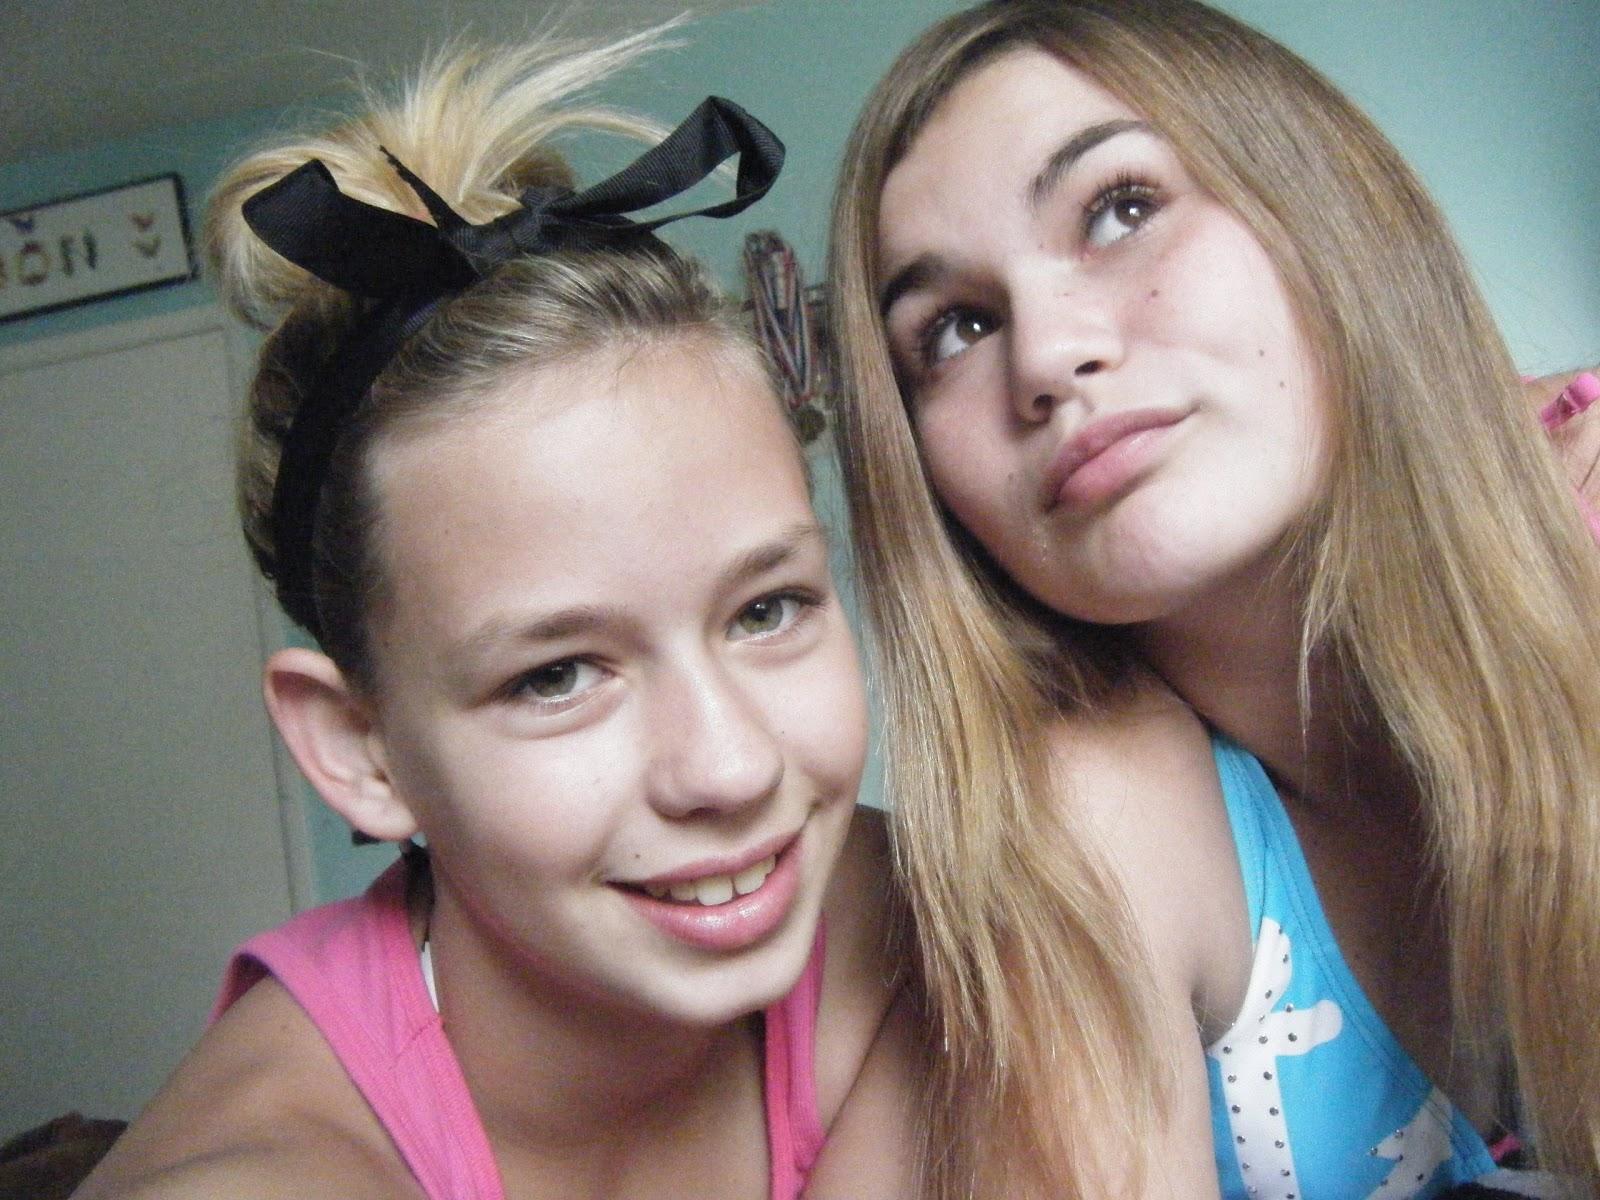 teen hotness